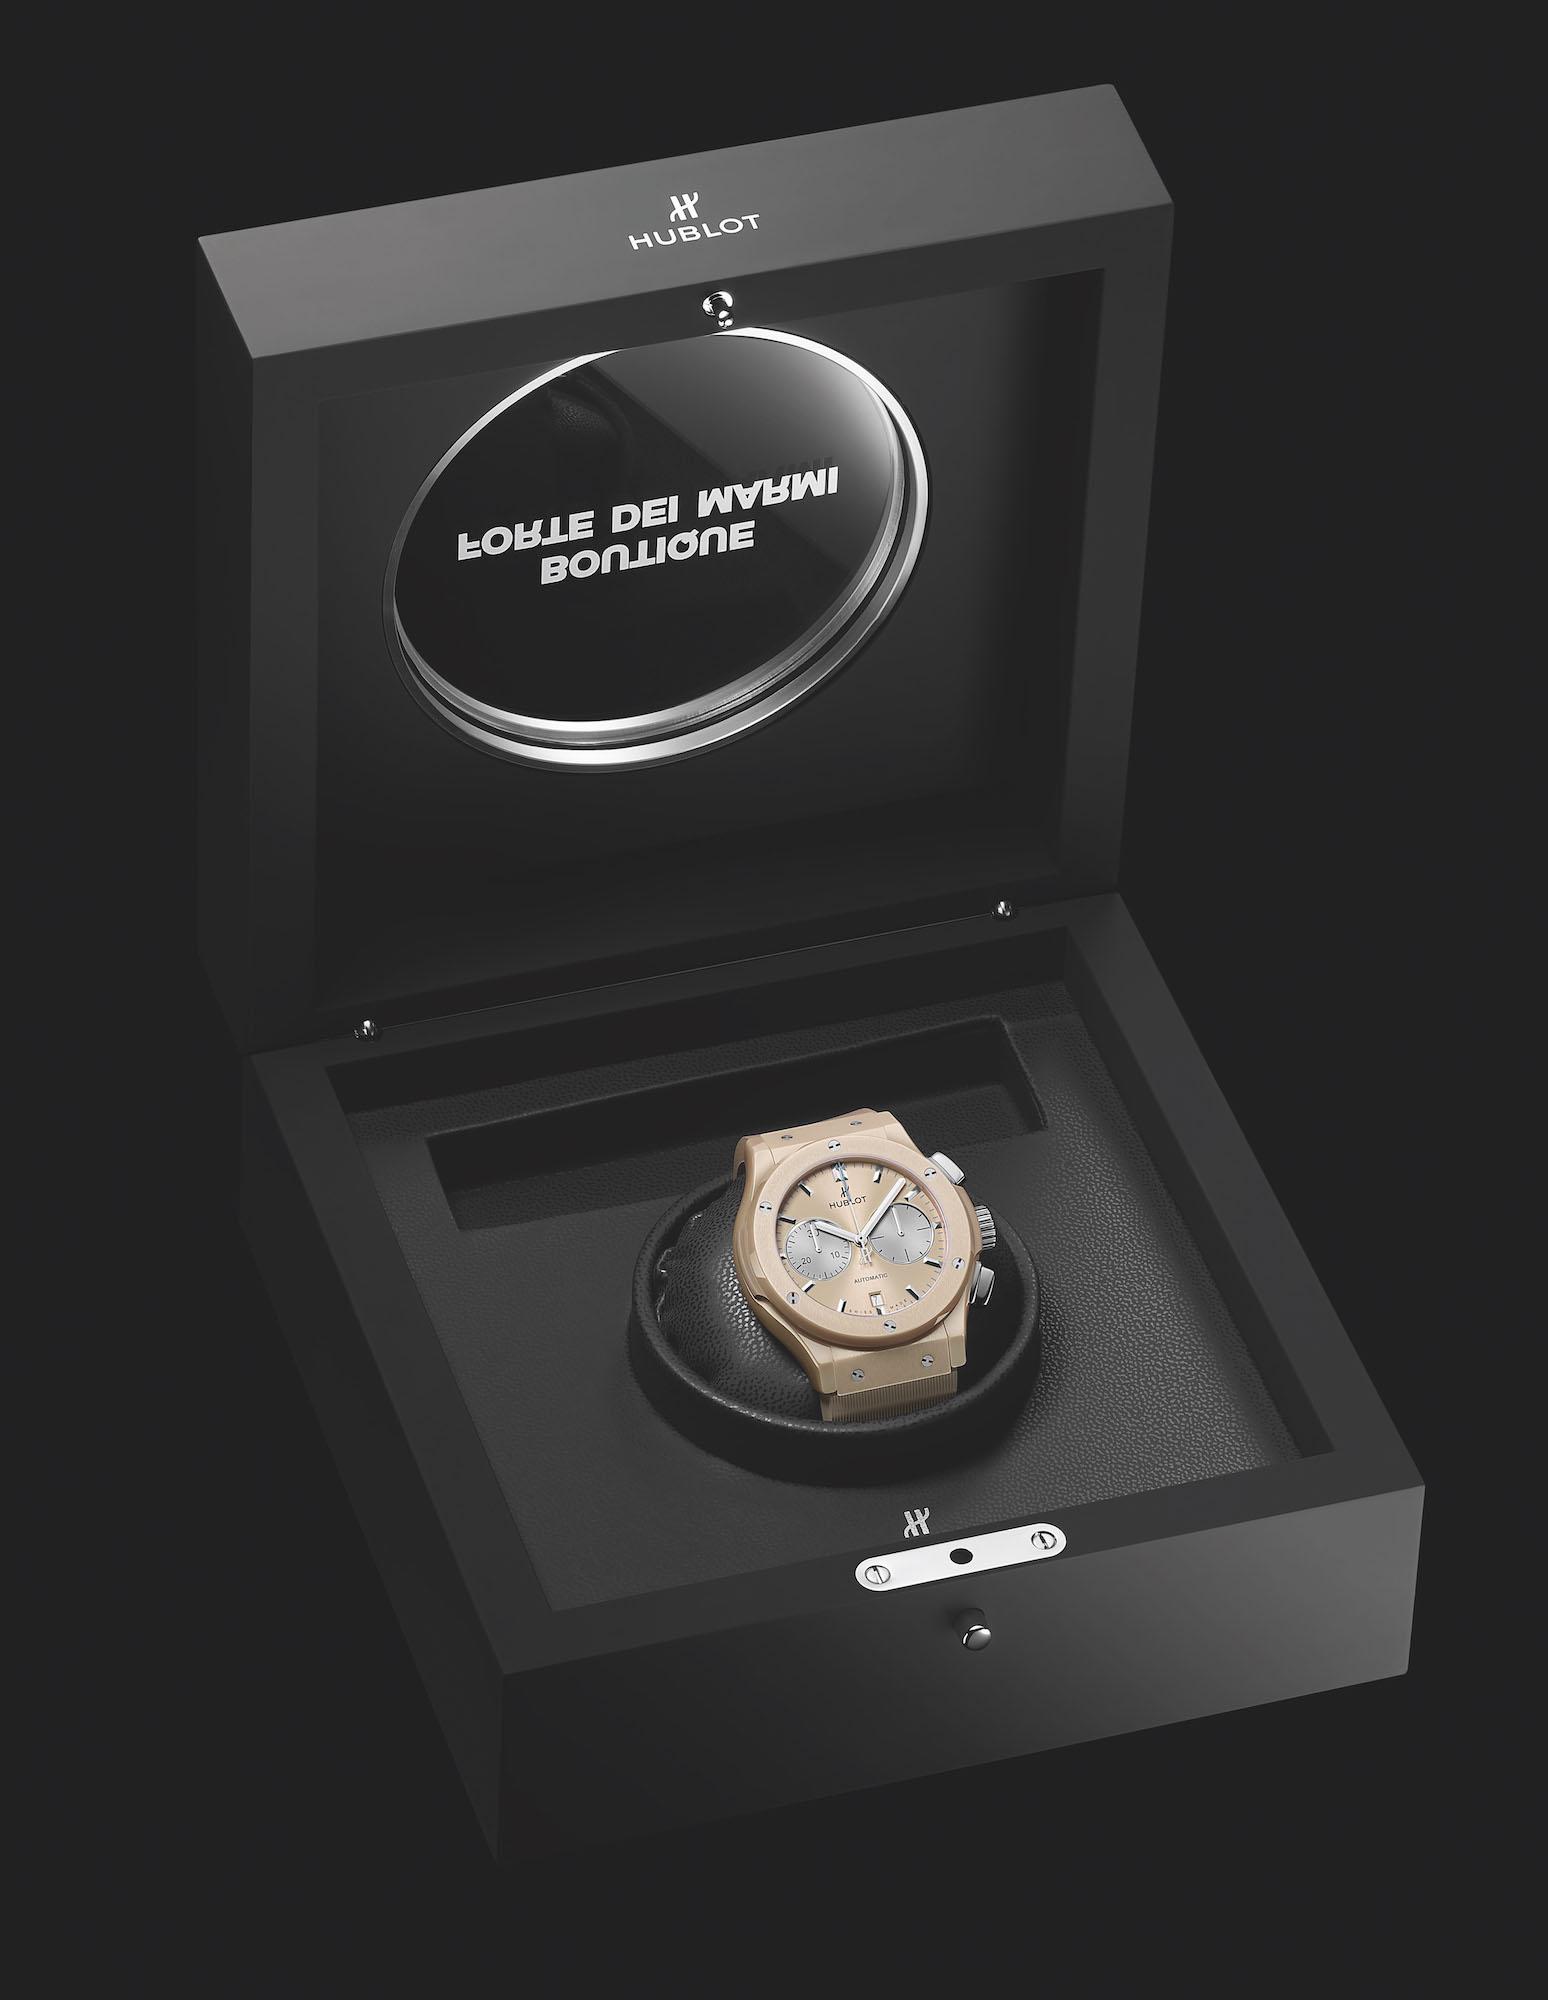 Hublot Classic Fusion Chronograph Boutique Forte dei Marmi 521.CZ.892B.RX.BHF21 Estuche